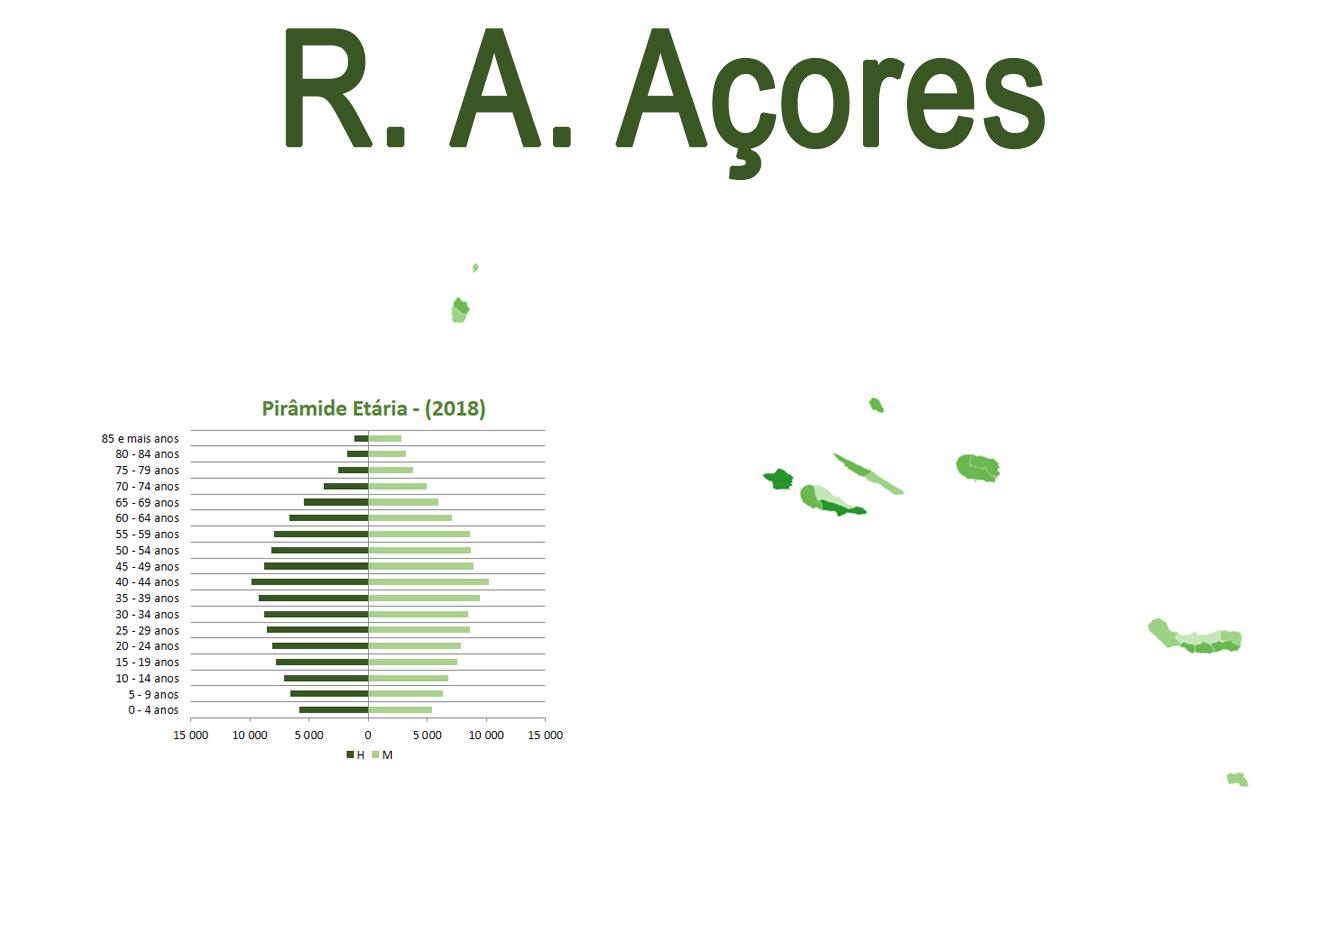 Mapa e Pirâmide Etária da R. A. dos Açores